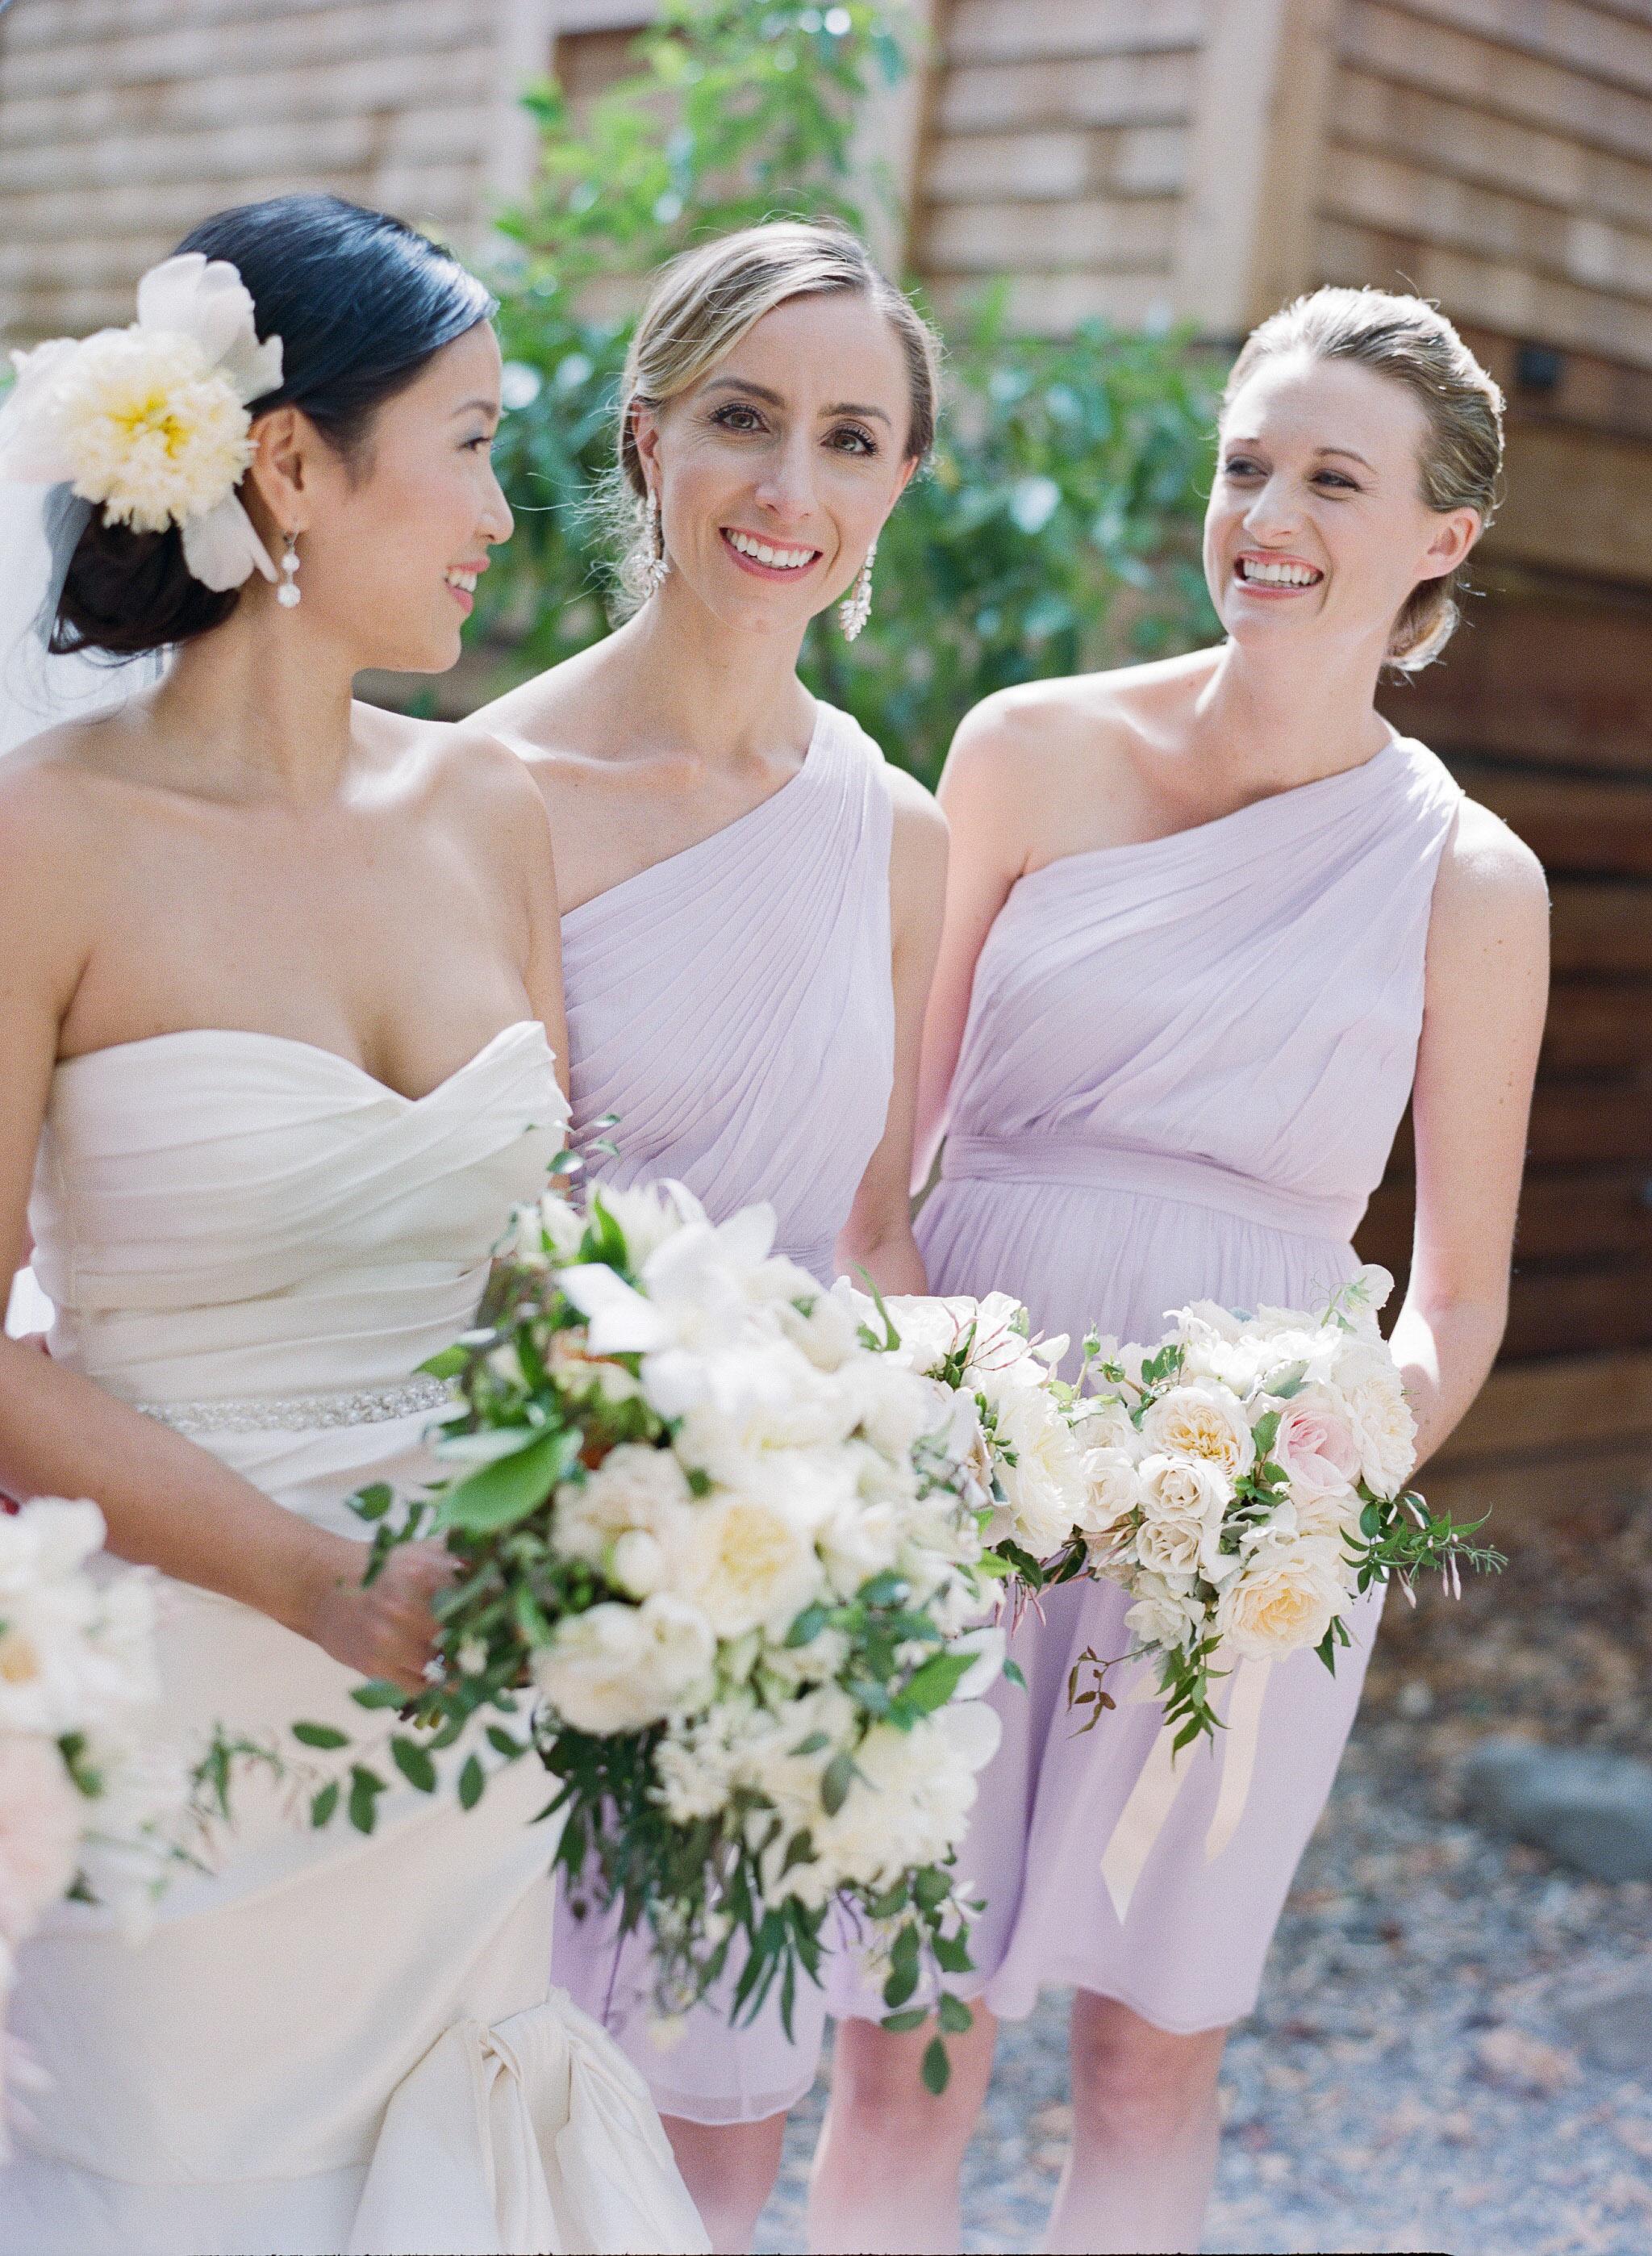 SylvieGil-Bride, Ceremony, Family, film, Groom, Napa, Reception, Wedding, Wedding Party-22.jpg